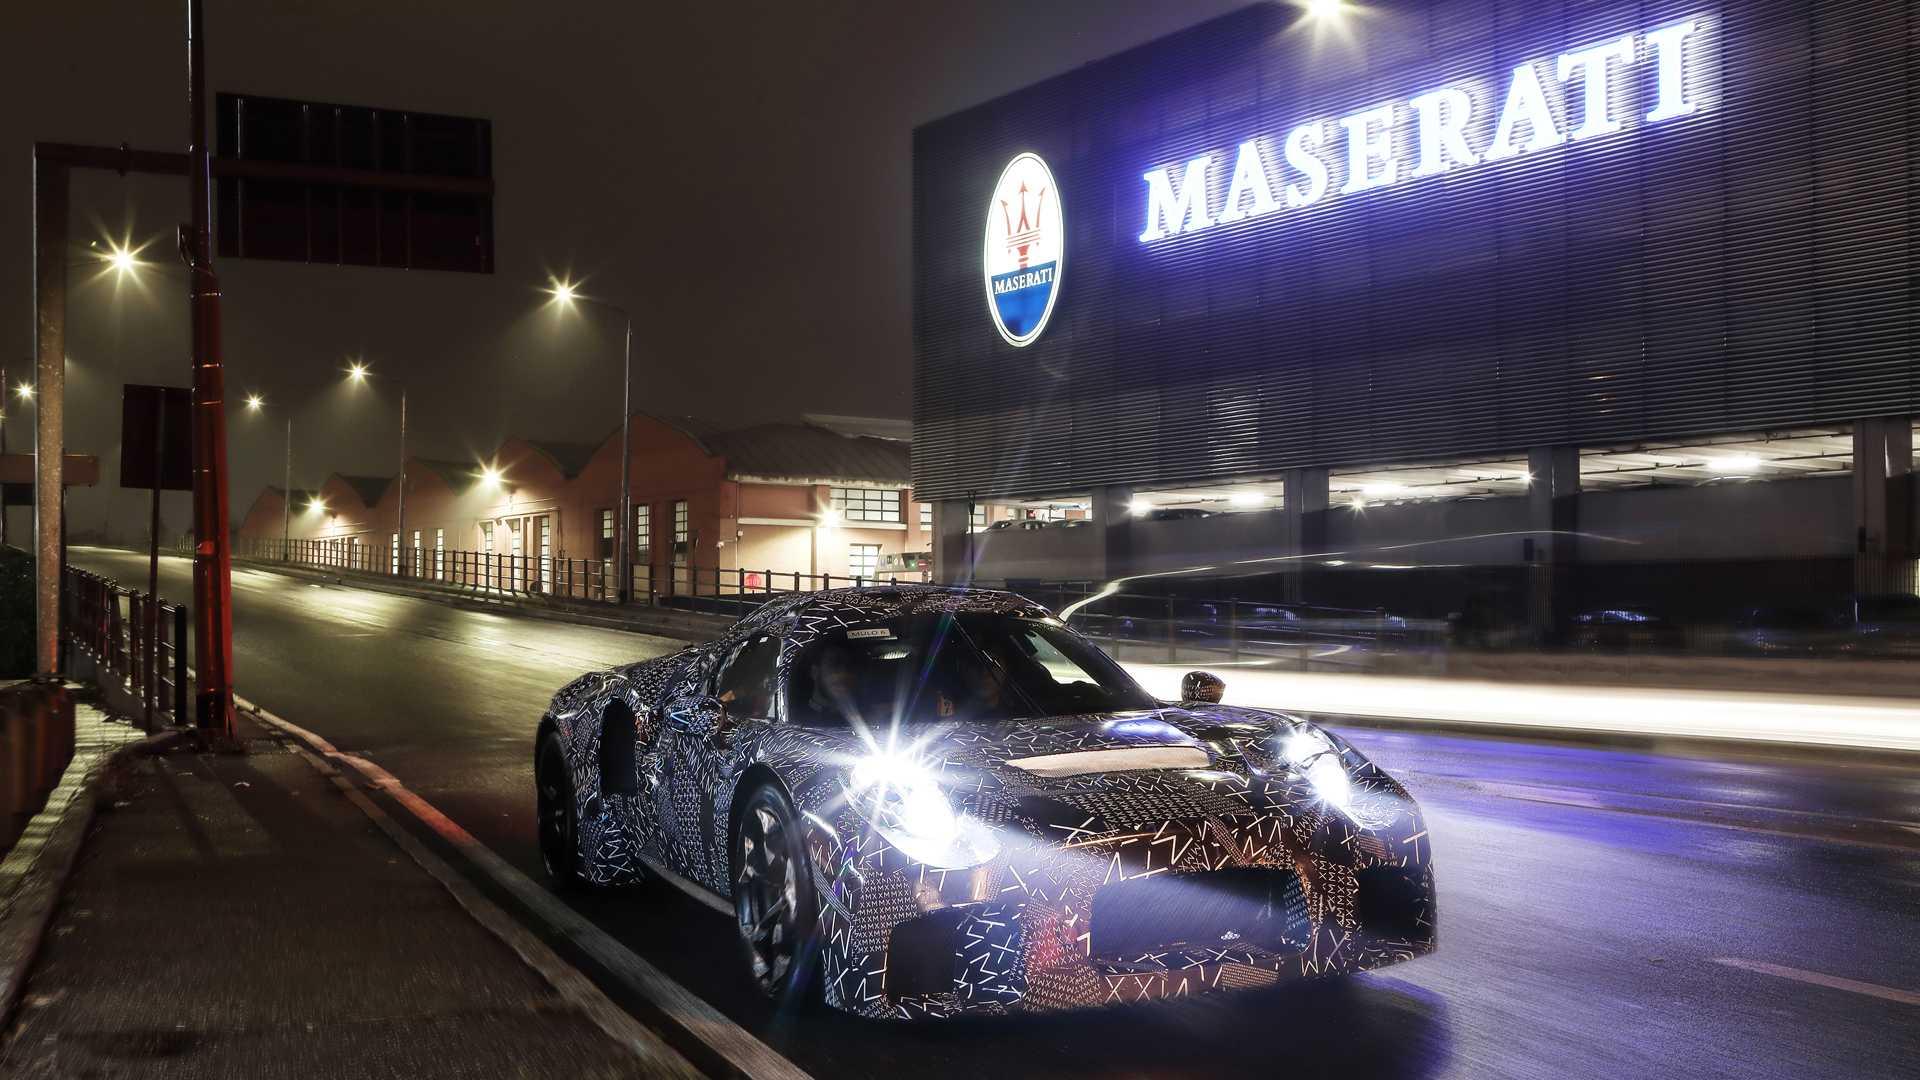 Появились изображения нового 600-сильного суперкара Maserati MC20